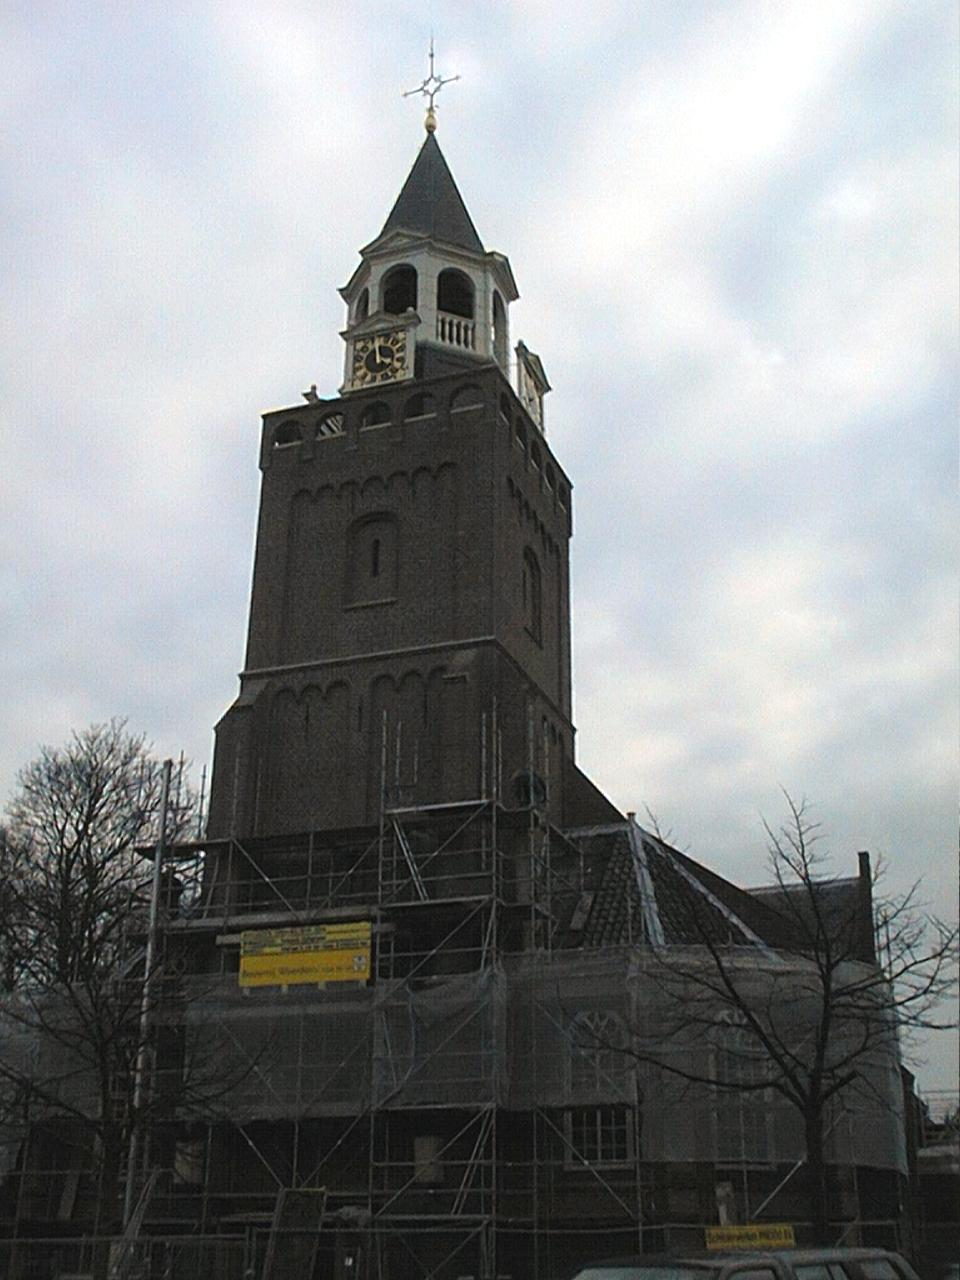 Toren Bodegraven